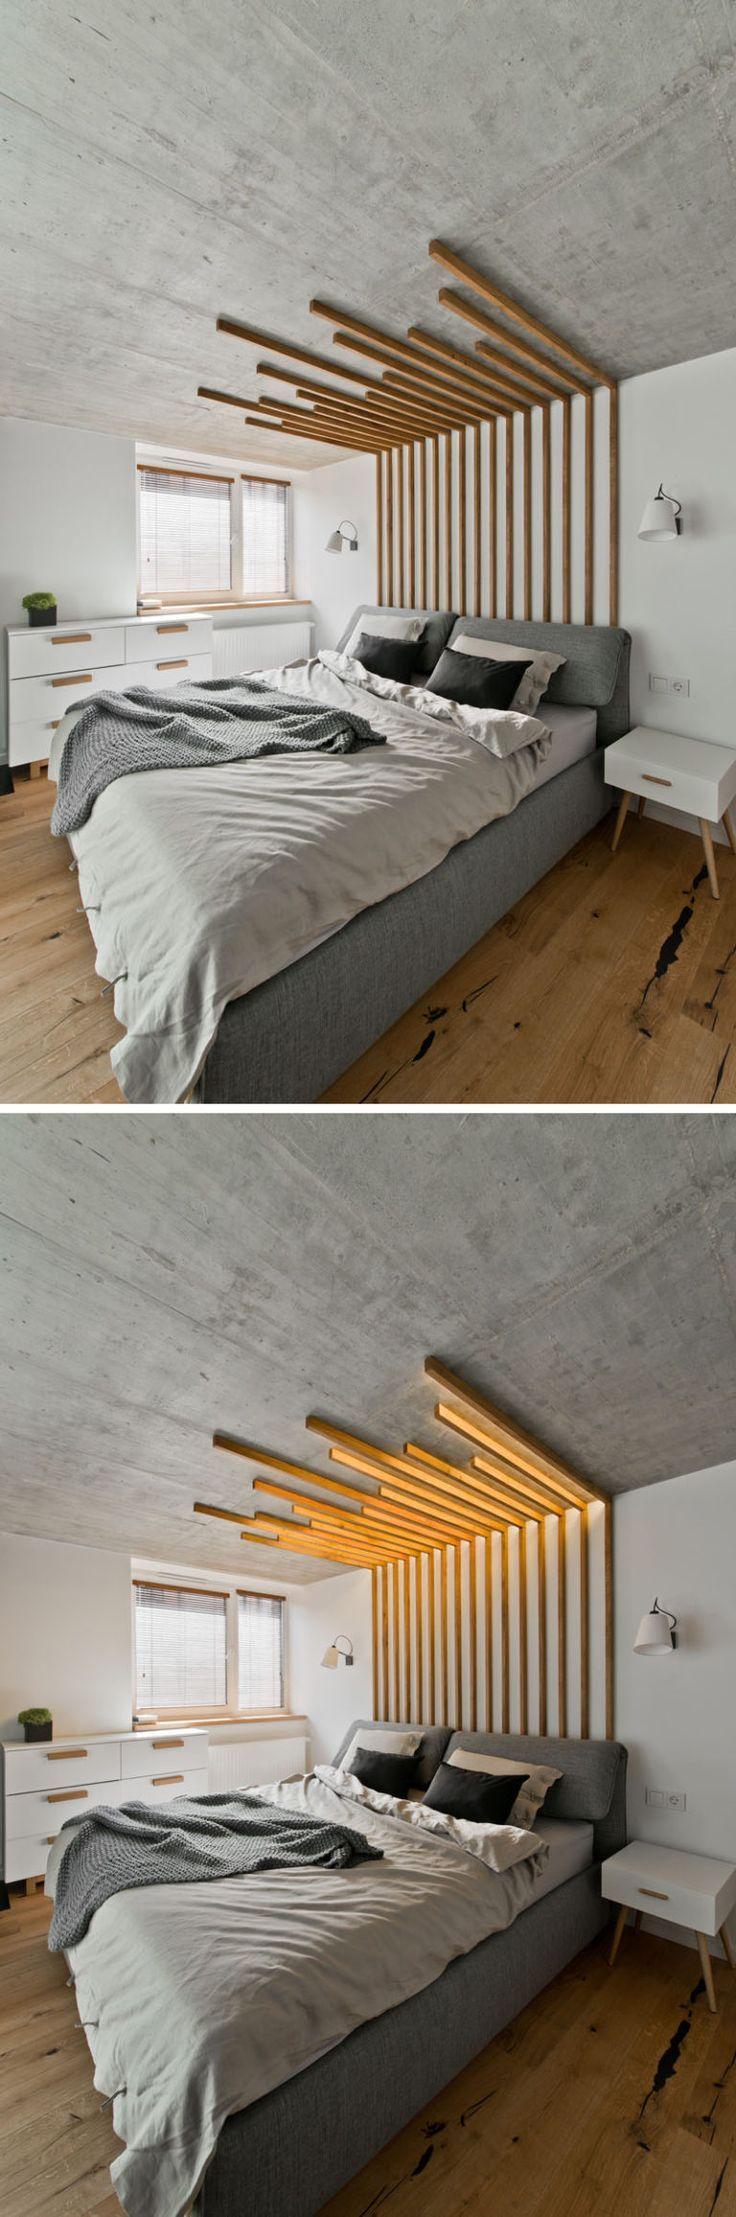 Dieses dekorative Holz Feature Stück über dem Bett, das nicht